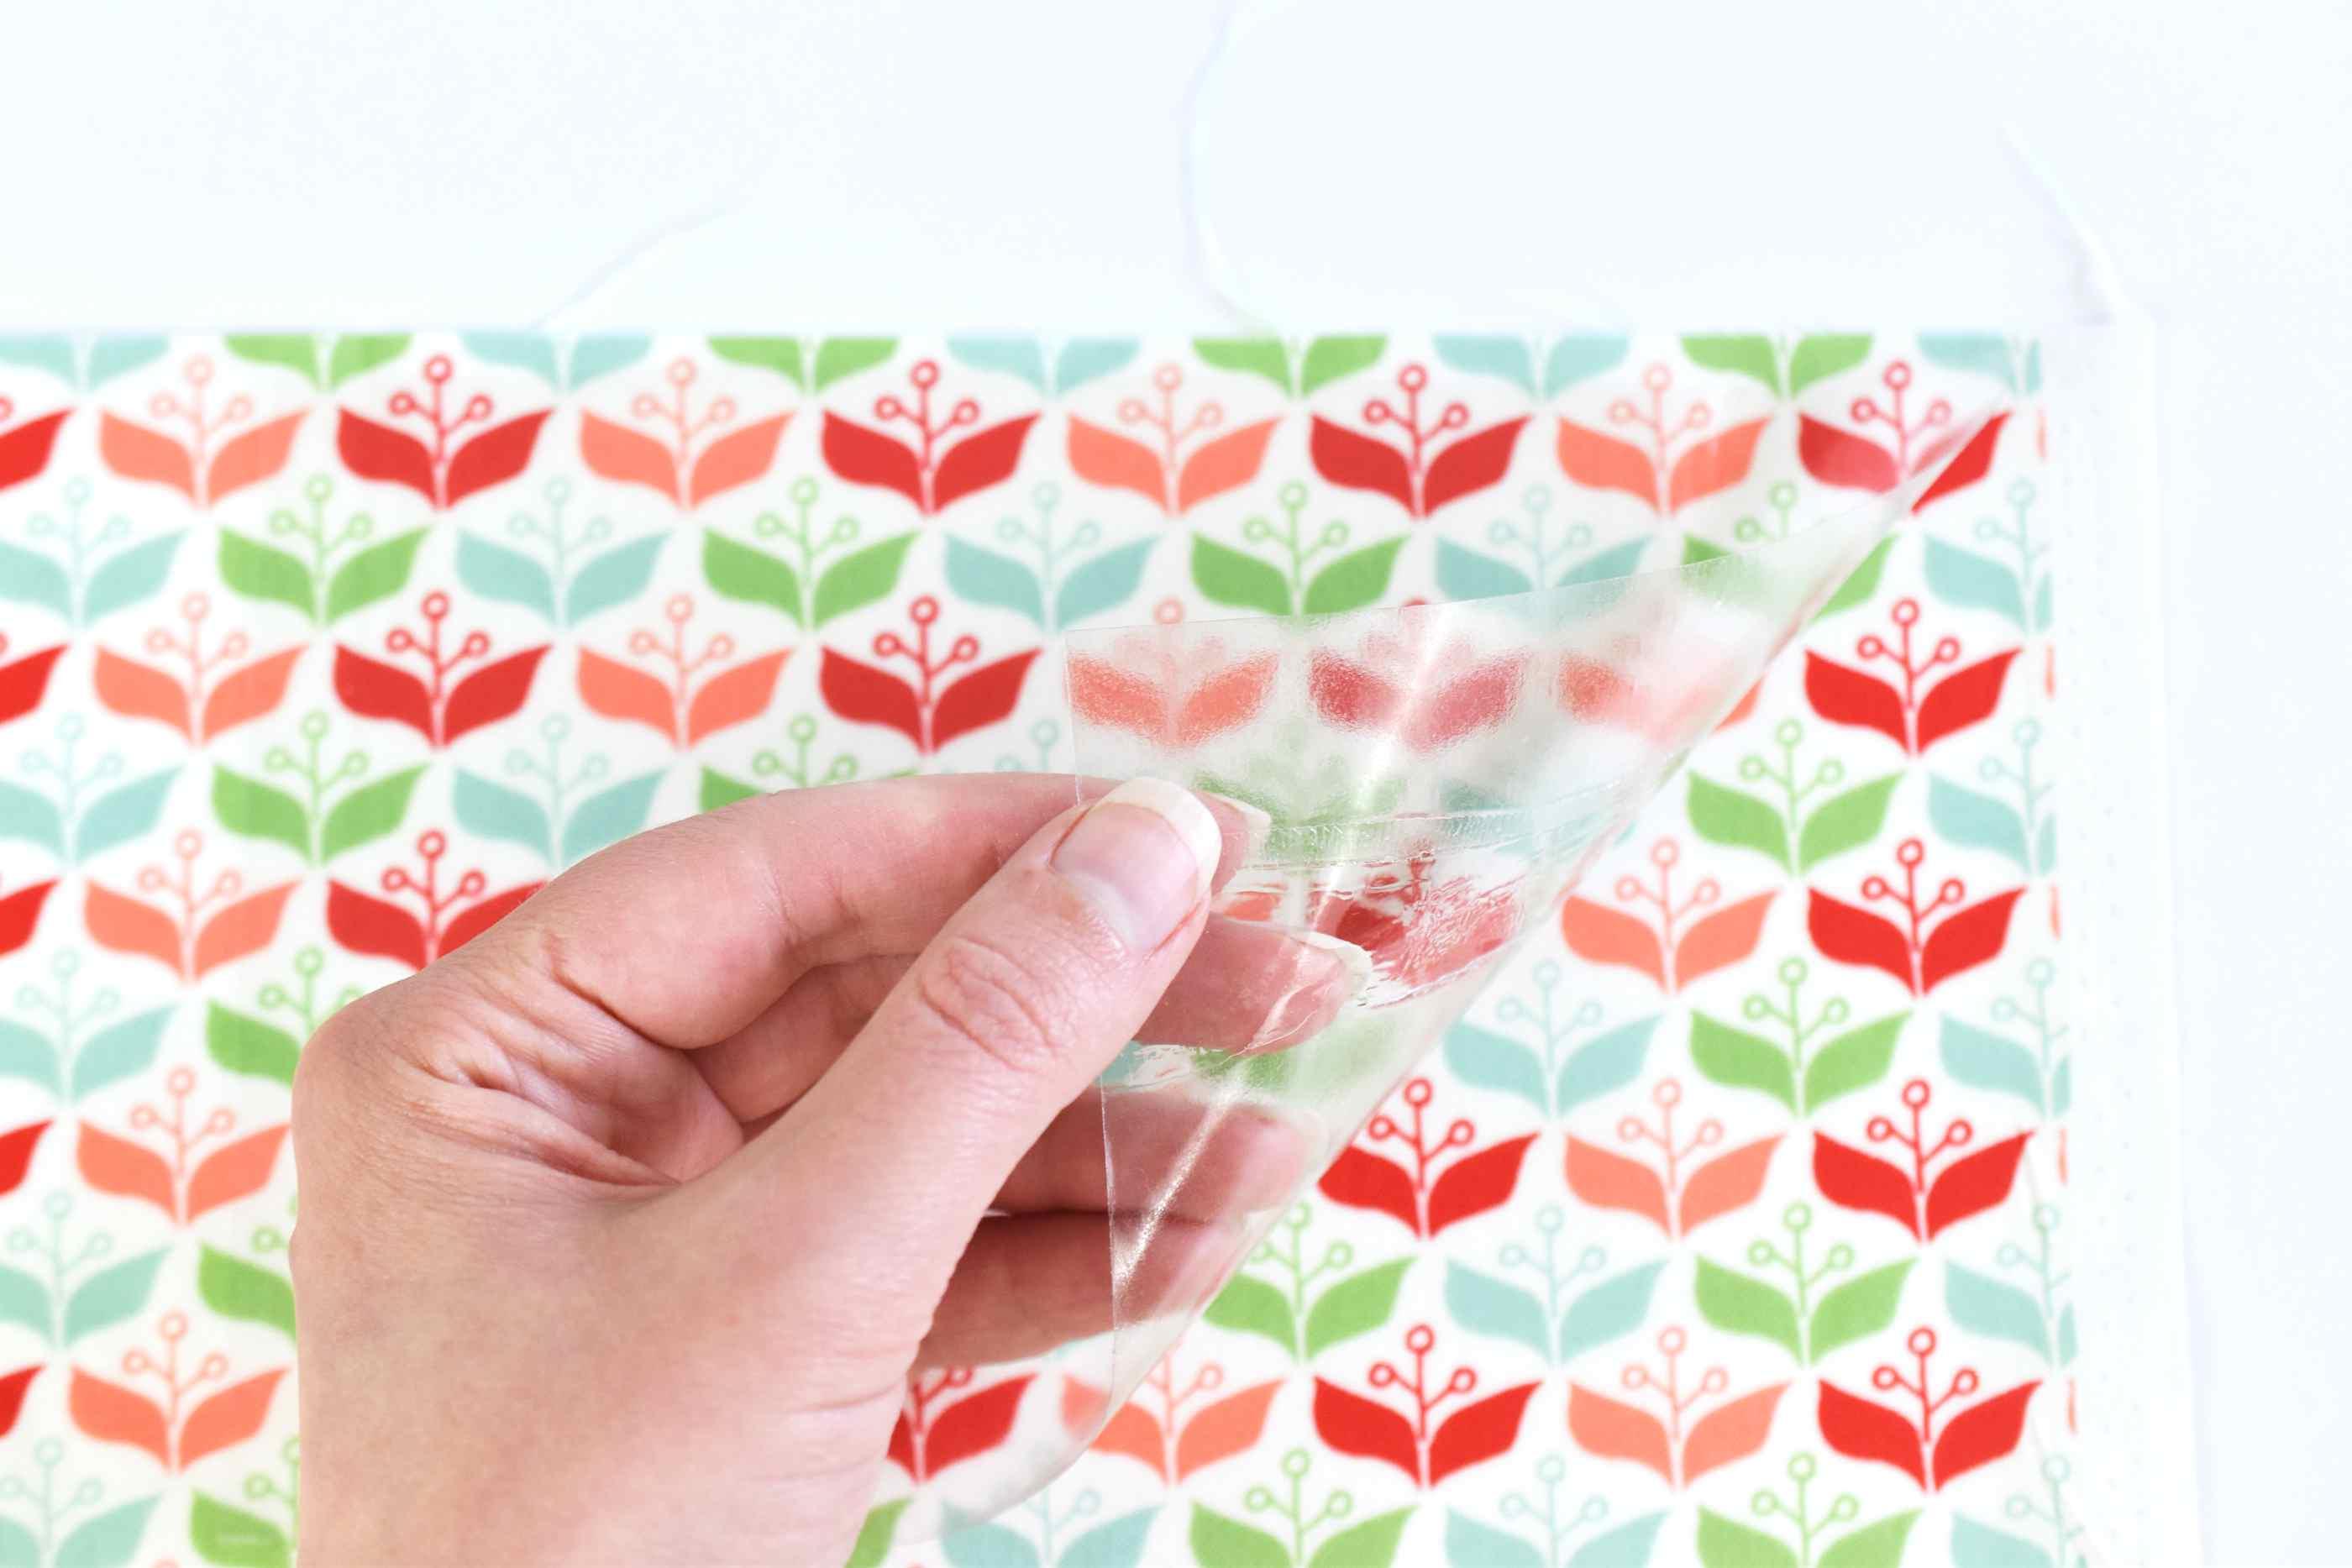 Applying Fabric Laminating Film